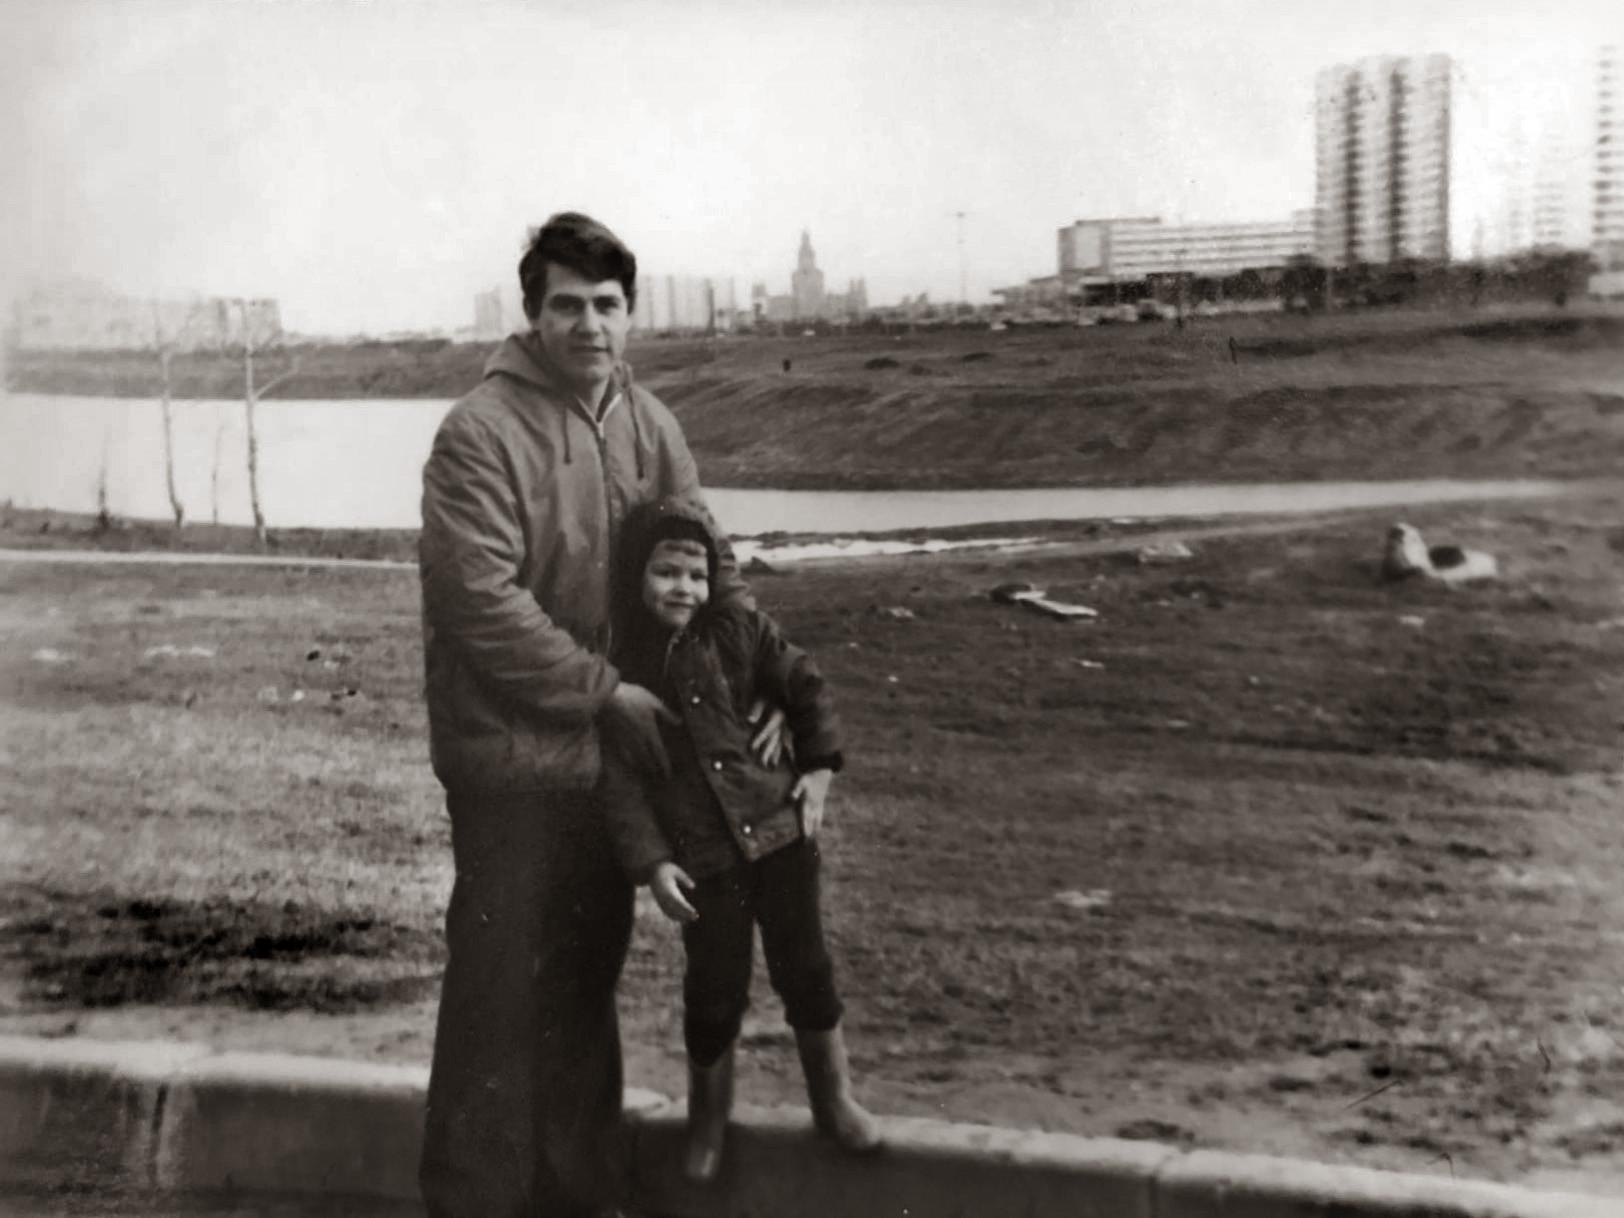 1983 Вид с пустыря между 29к3 и Мичуринским проспектом. Вид в сторону пруда, на этом месте сейчас Мичуринский проспект д. 80 стоит. Алексей Ковалёв1